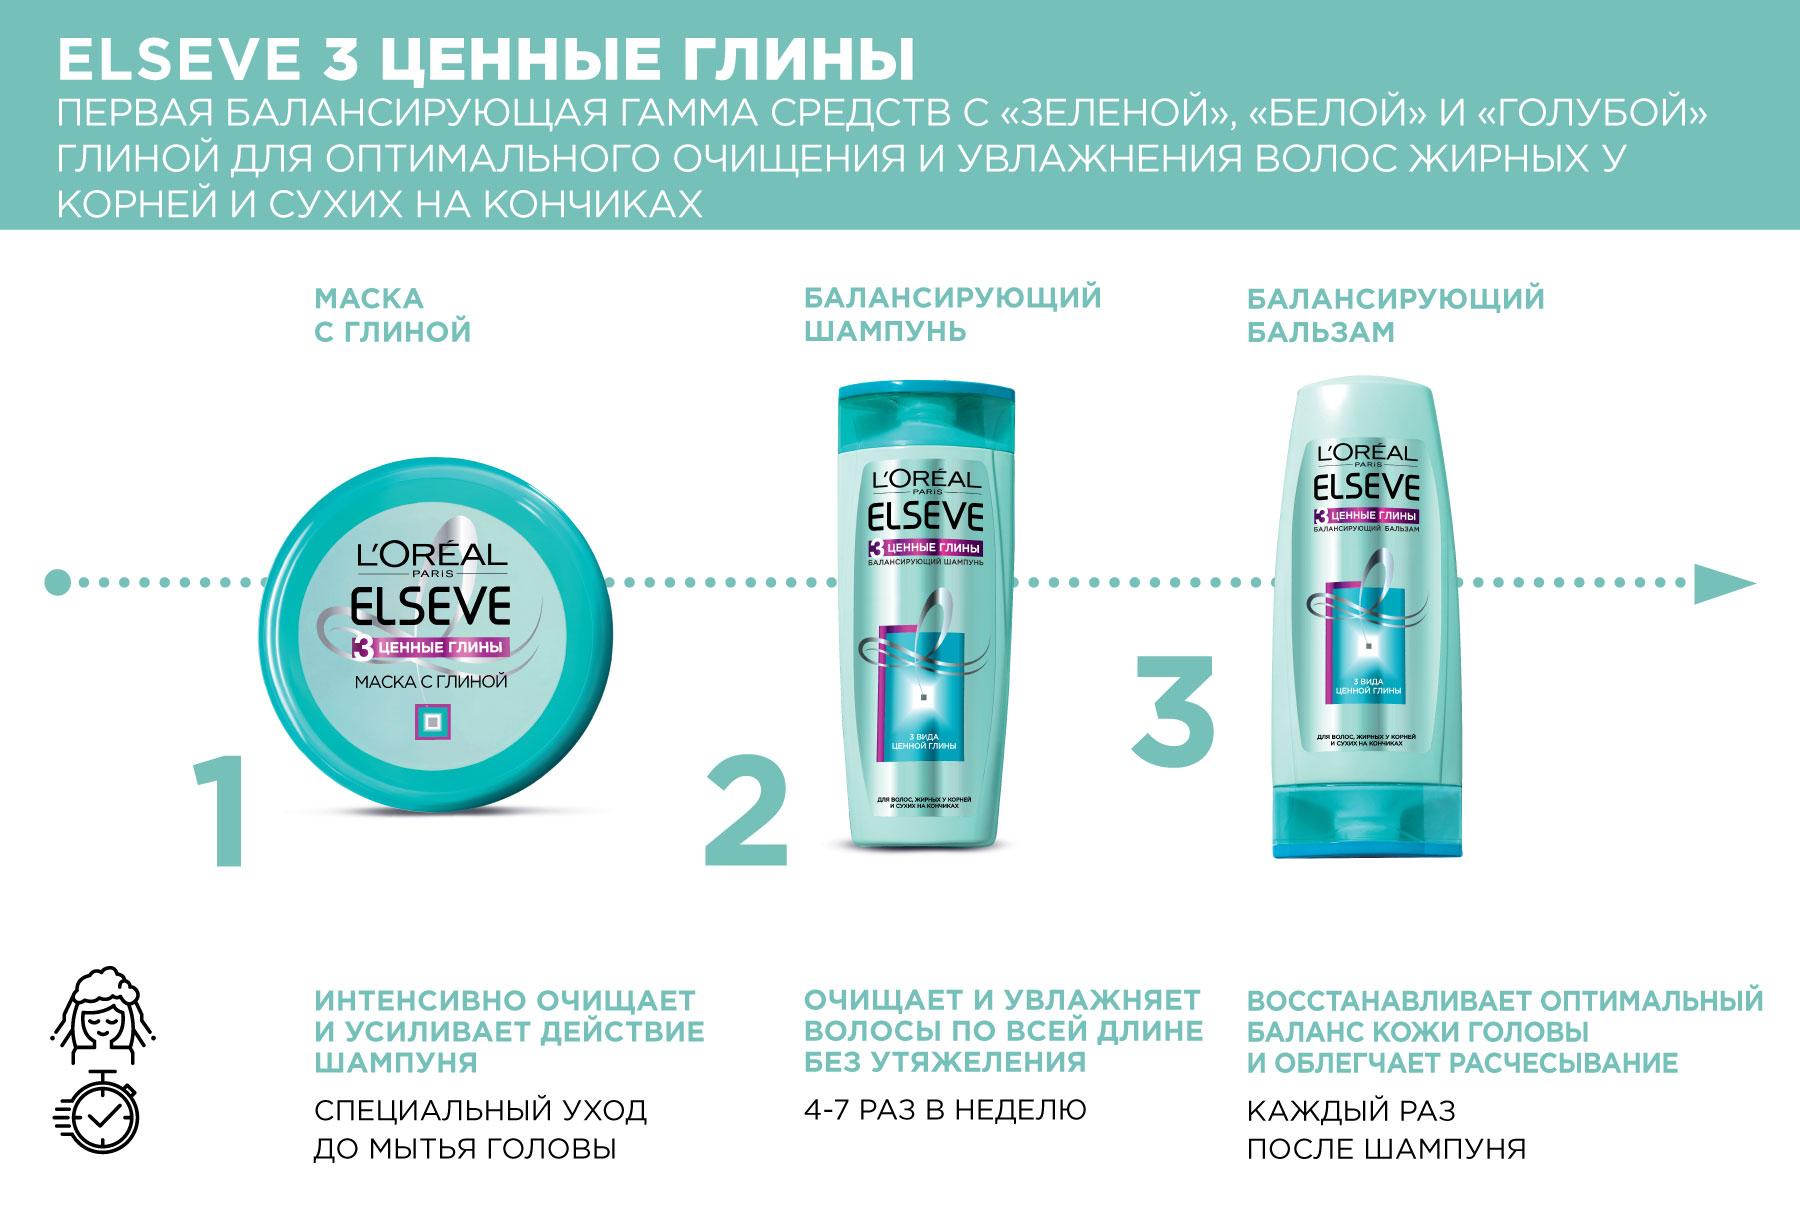 Миниатюра Бальзам для волос L'Oreal Paris Elseve 3 Ценные глины 400 мл №7